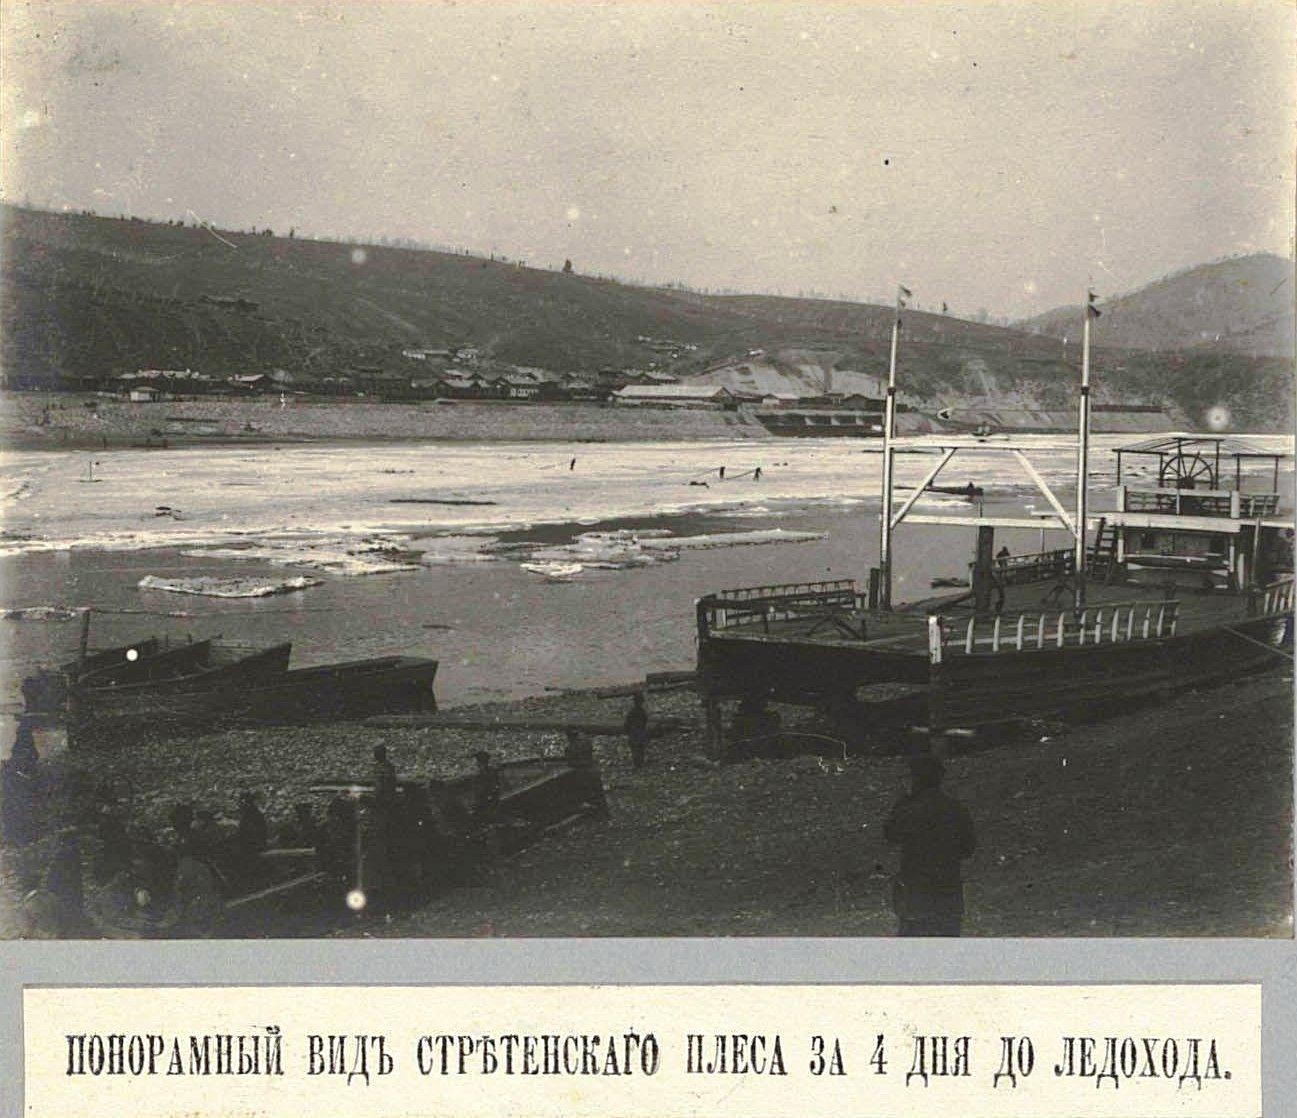 18. Панорамный вид Сретенского переката за 4 дня до ледохода